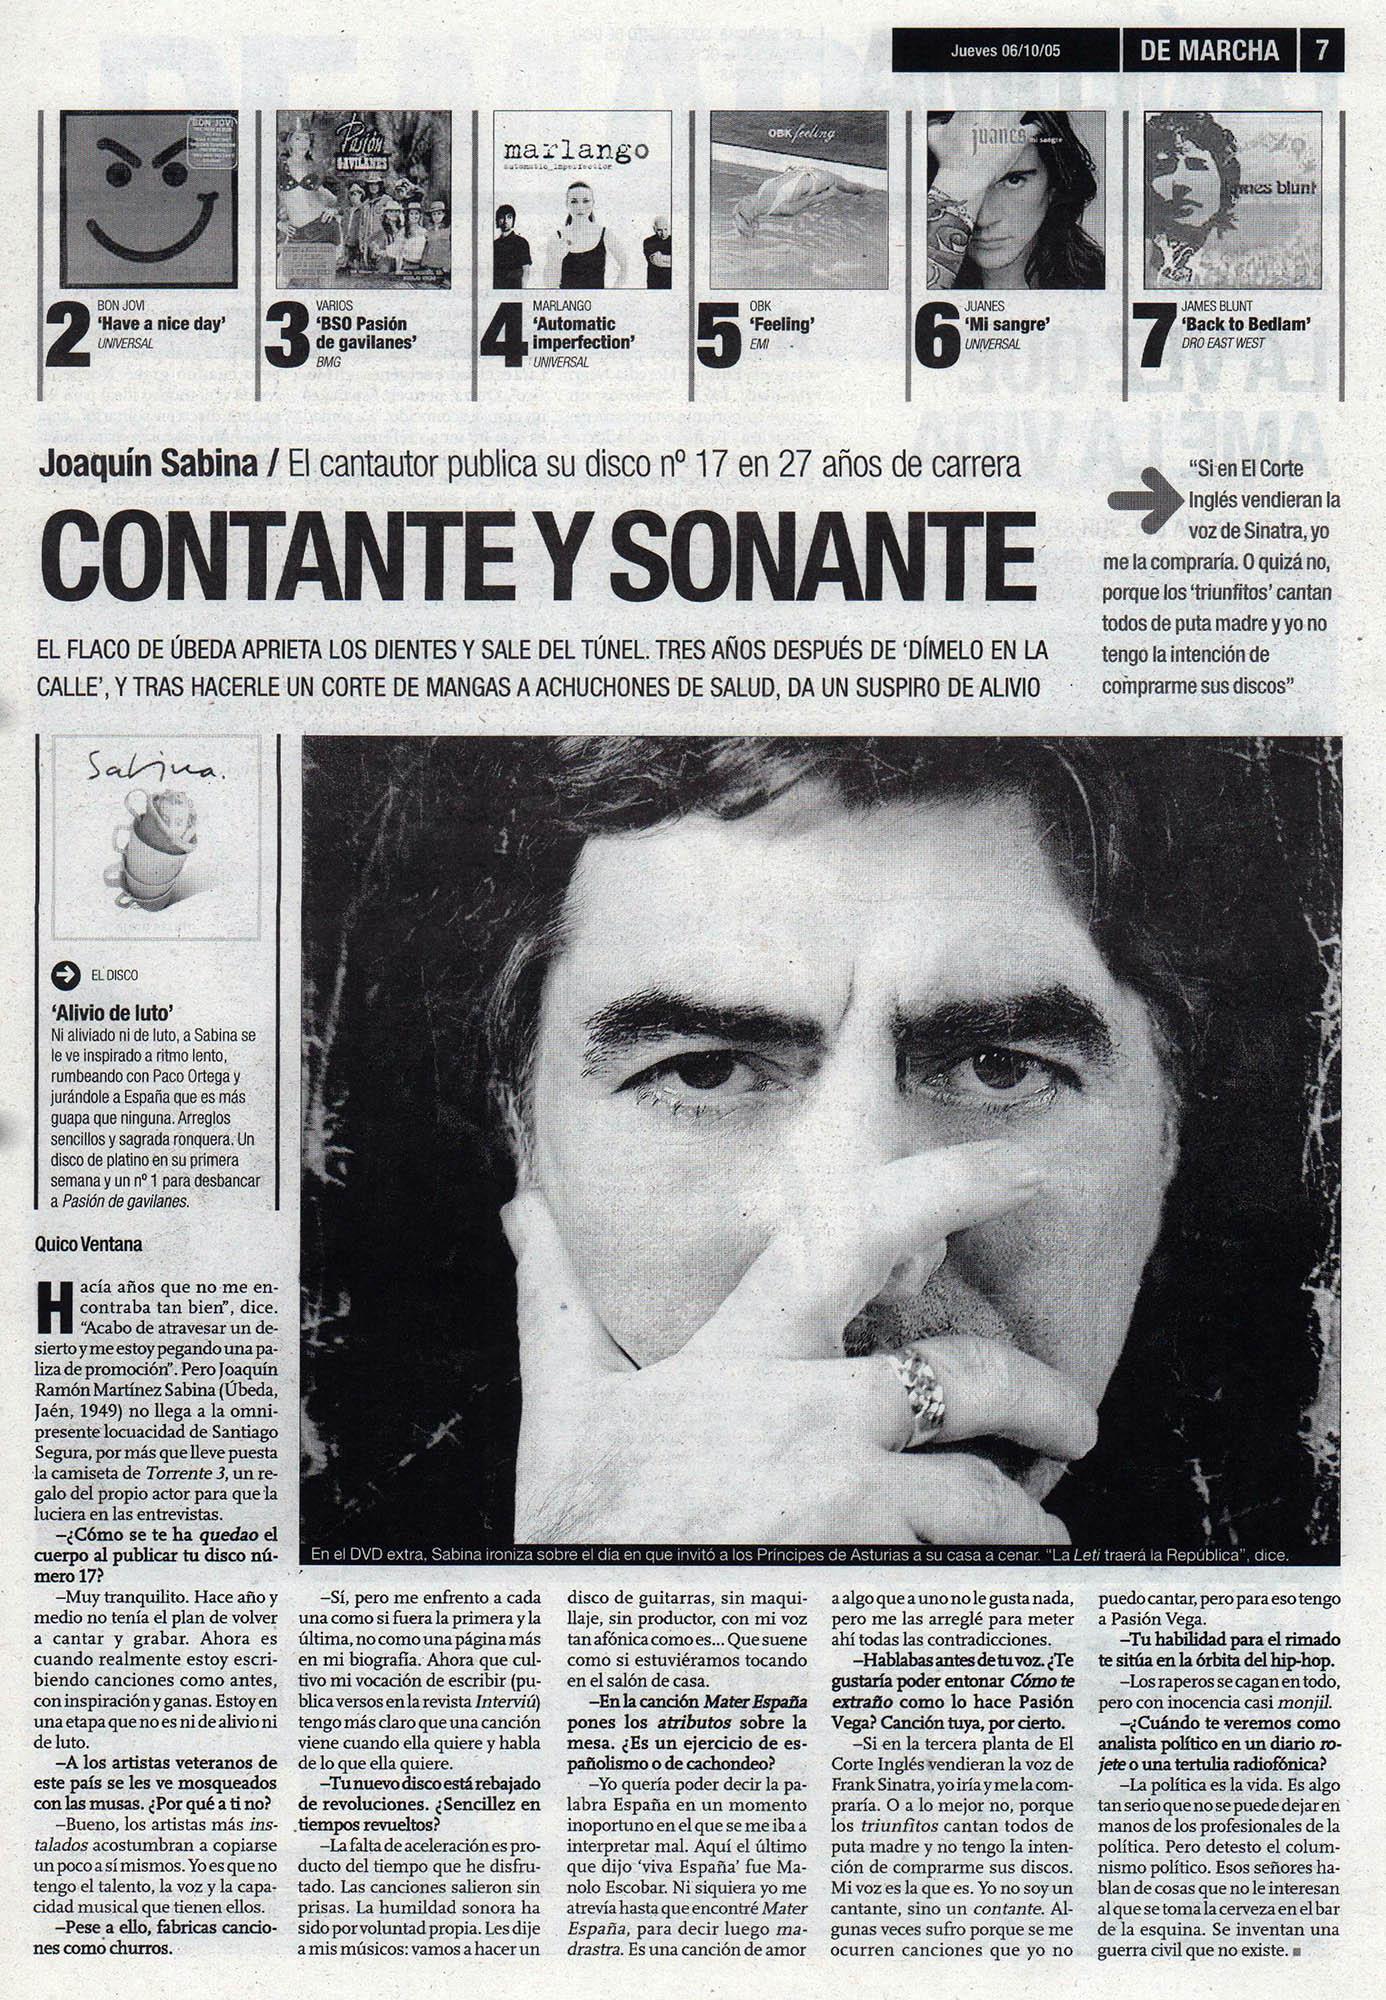 Joaquín Sabina: contante y sonante - Alivio de luto | De Marcha - El Correo | 6 oct 2005